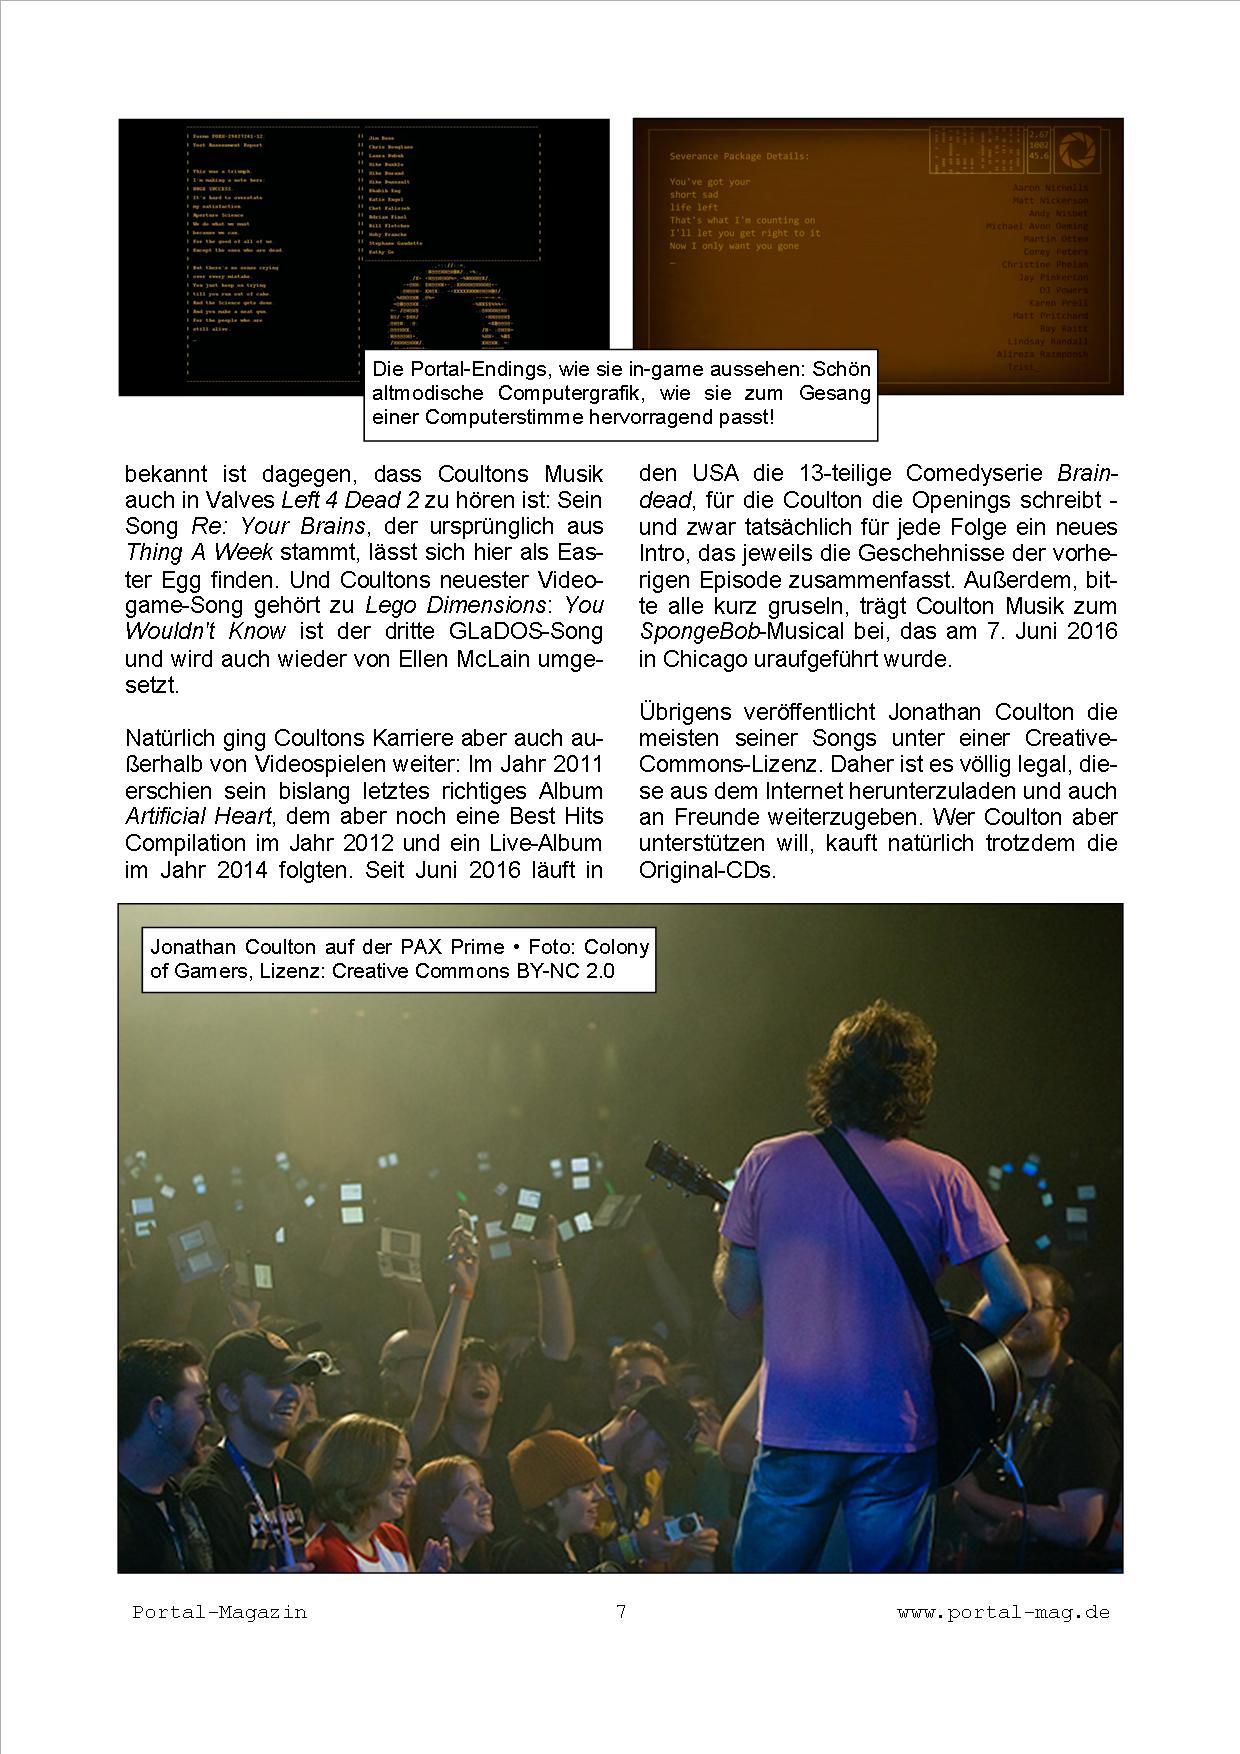 Ausgabe 36, Seite 7